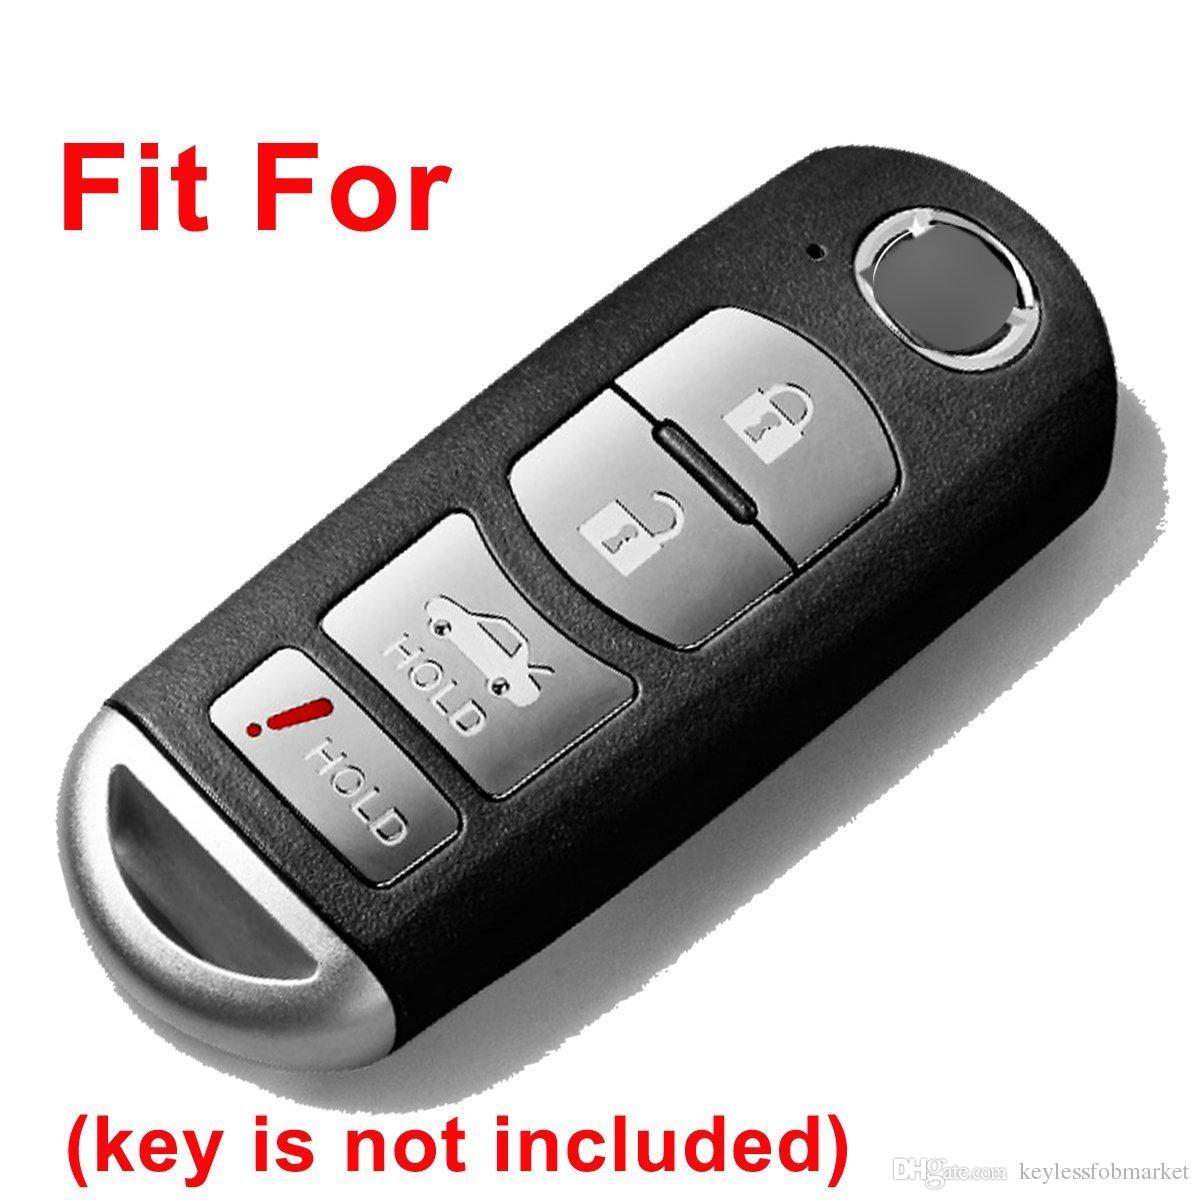 Silicone Smart Key Fob Cover Case Protector Shell for 2017 2018 Mazda CX-5 CX-7 CX-9 MX-5 Miata Mazda 3 6 Smart key Remote 4 Buttons